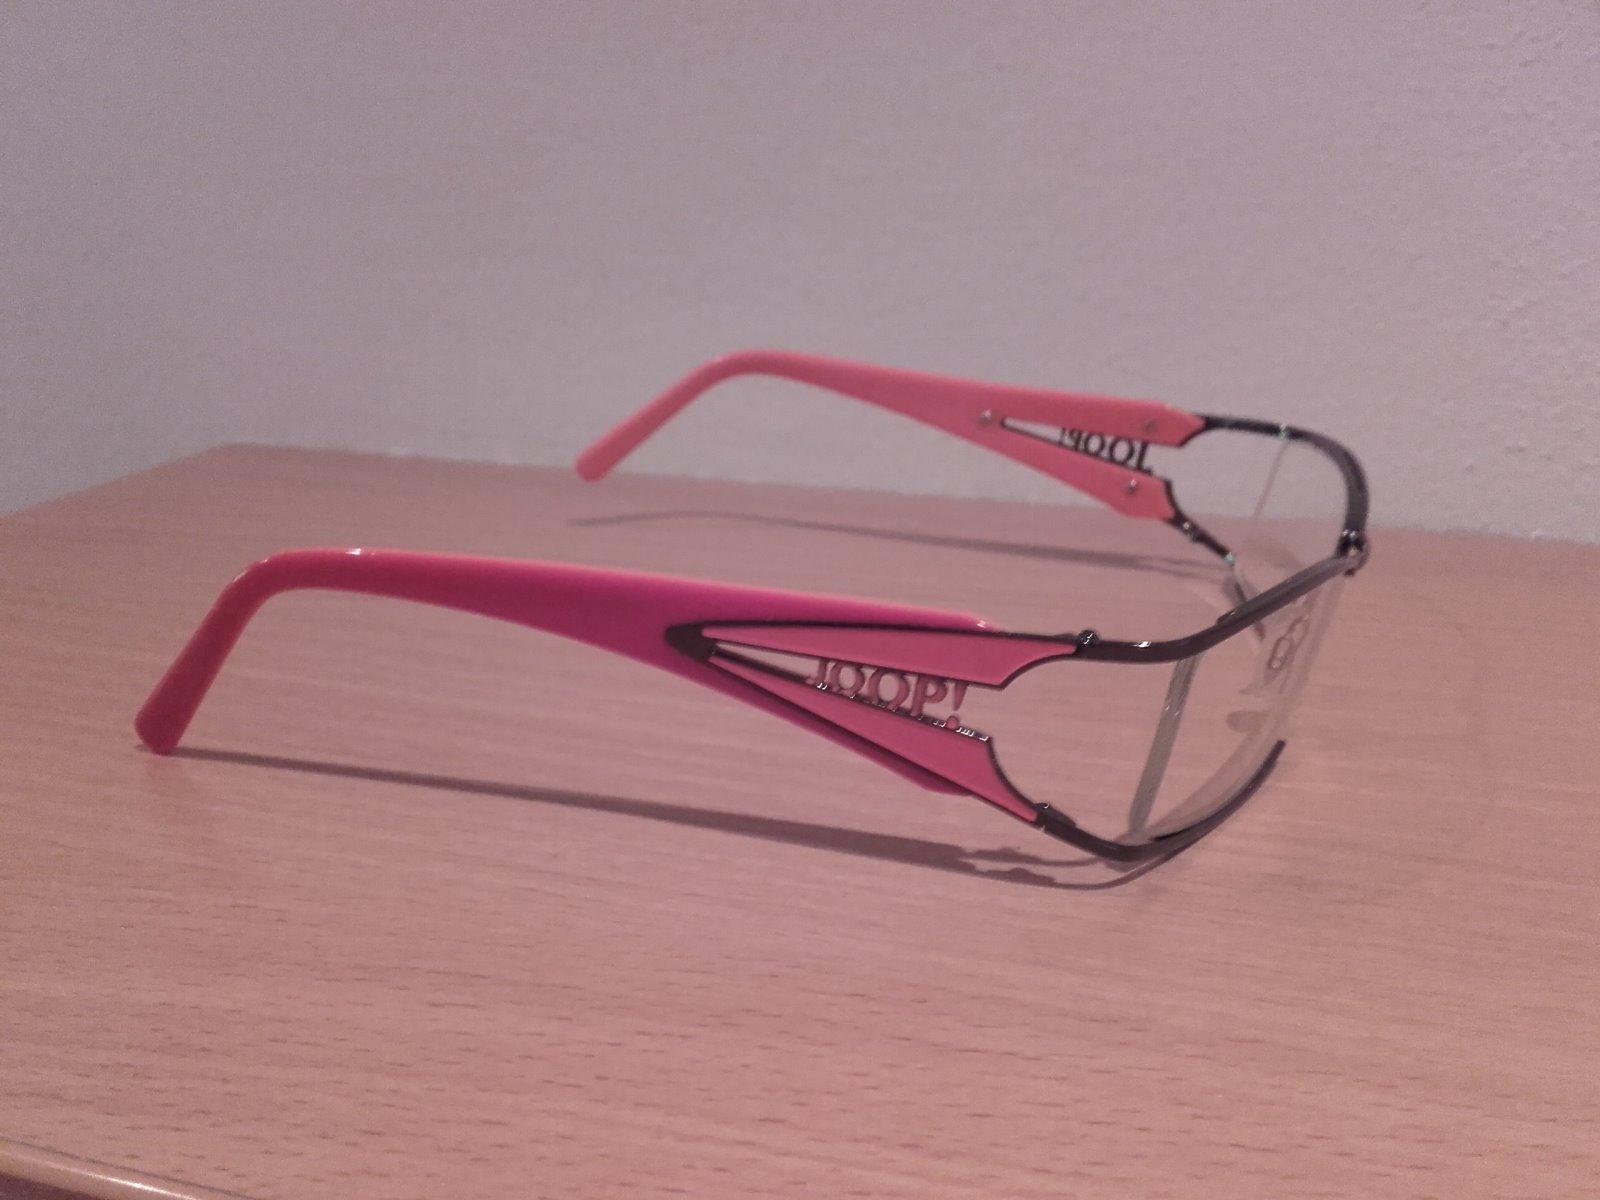 7b773efca Dioptrické okuliare joop, - 40 € od predávajúcej majkavl | Detský ...